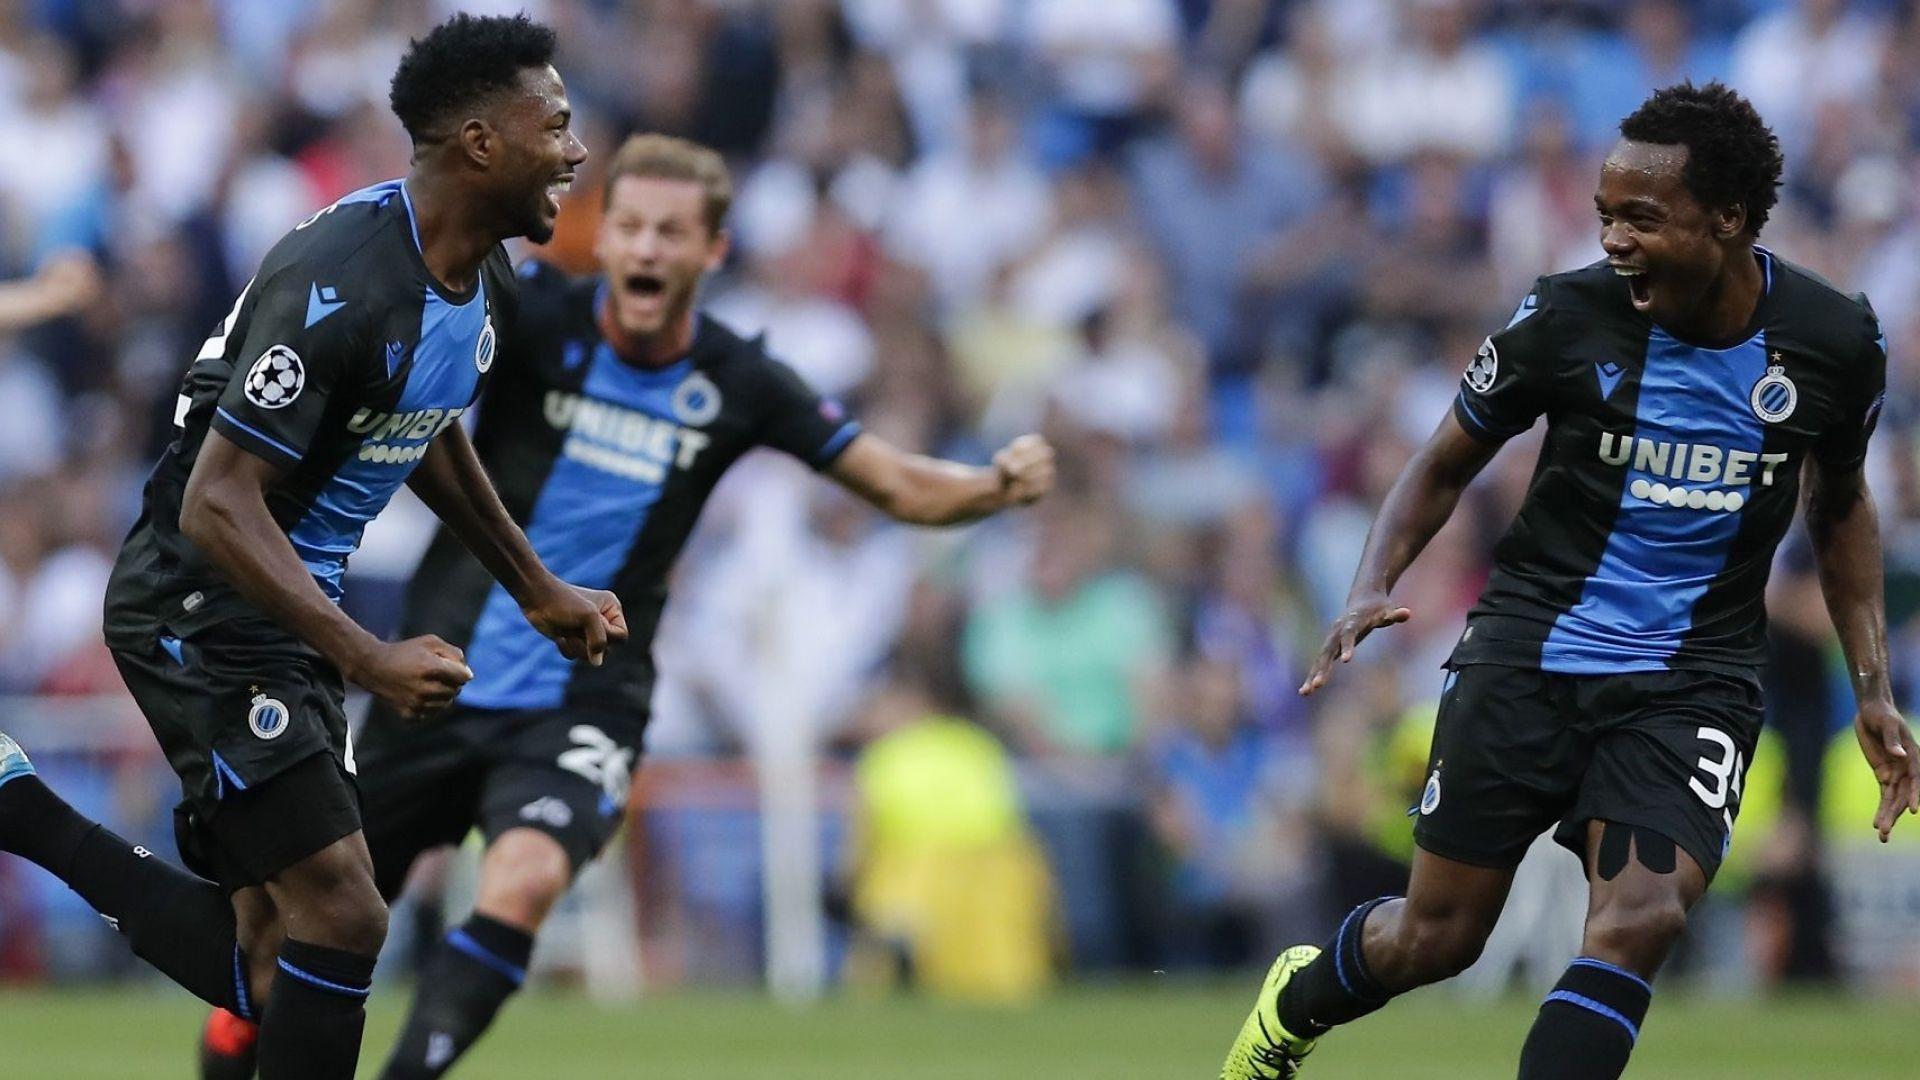 Реал се добра до точка срещу храбри белгийци, а ВАР на два пъти поправи грешките на Кабаков